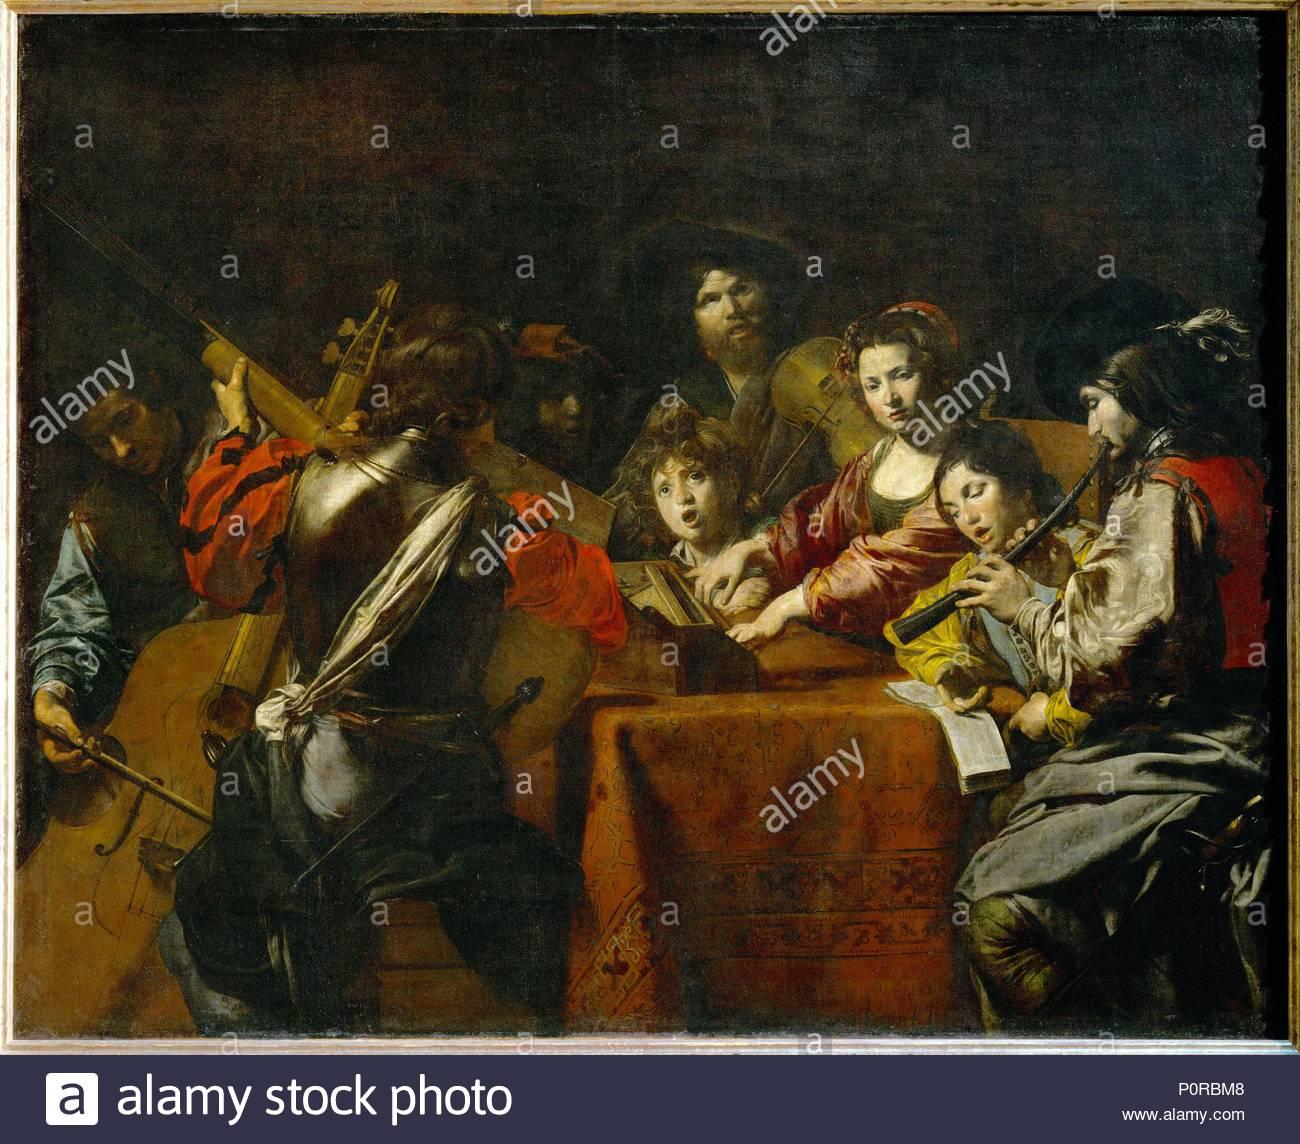 Un concert-A concert Canvas, 175 x 216 cm INV. 8252. Author: Valentin de Boulogne (1591-1632). Location: Louvre, Dpt. des Peintures, Paris, France. - Stock Image